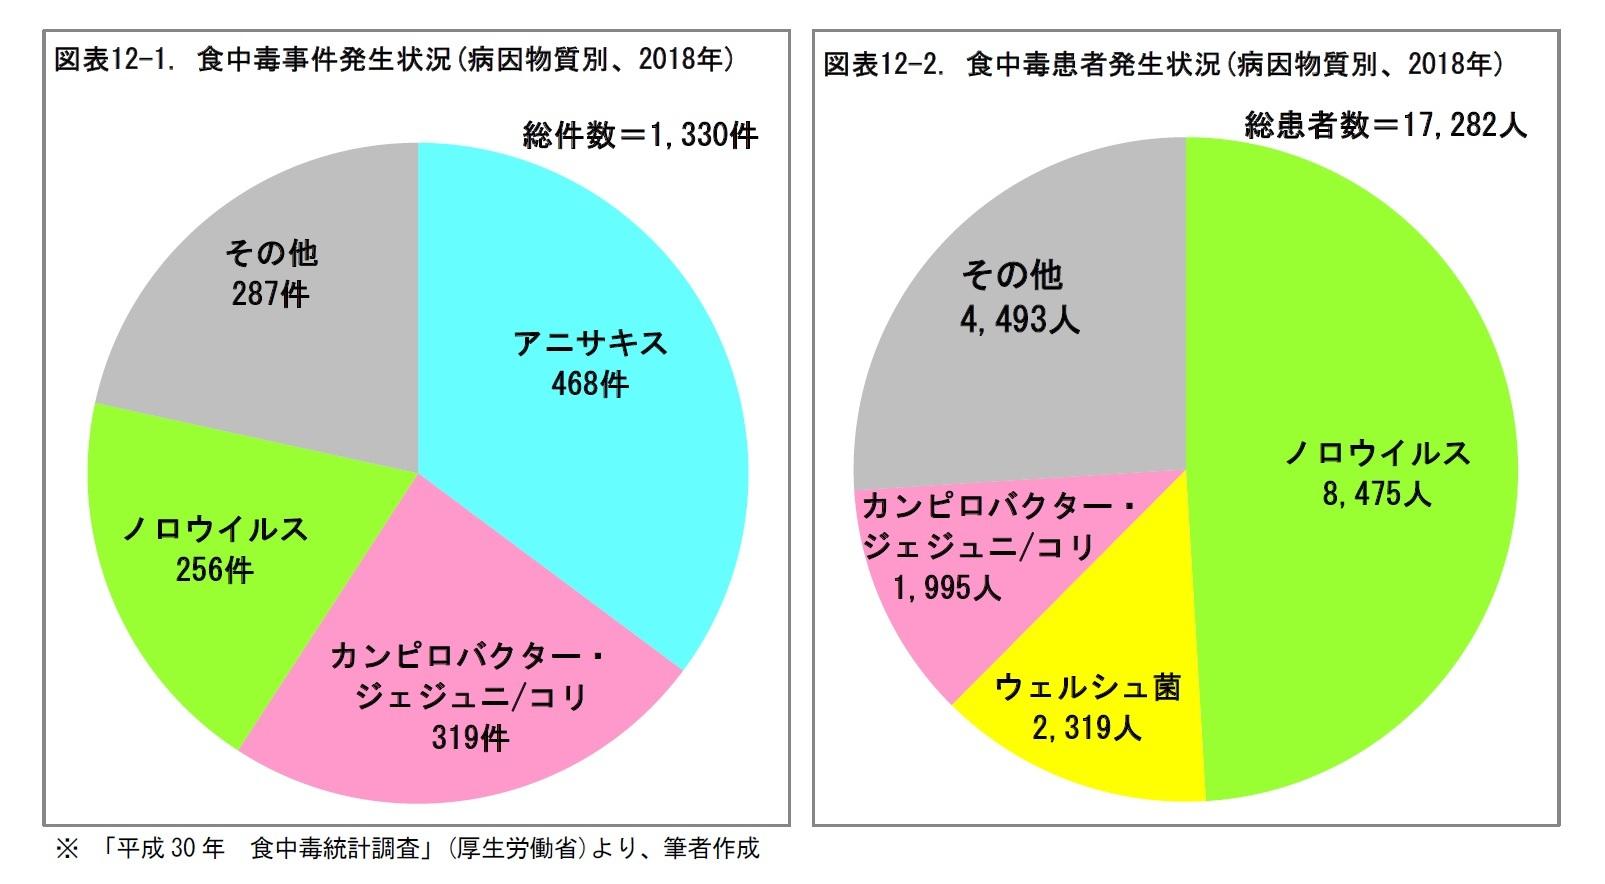 図表12-1. 食中毒事件発生状況(病因物質別、2018年)/図表12-2. 食中毒患者発生状況(病因物質別、2018年)